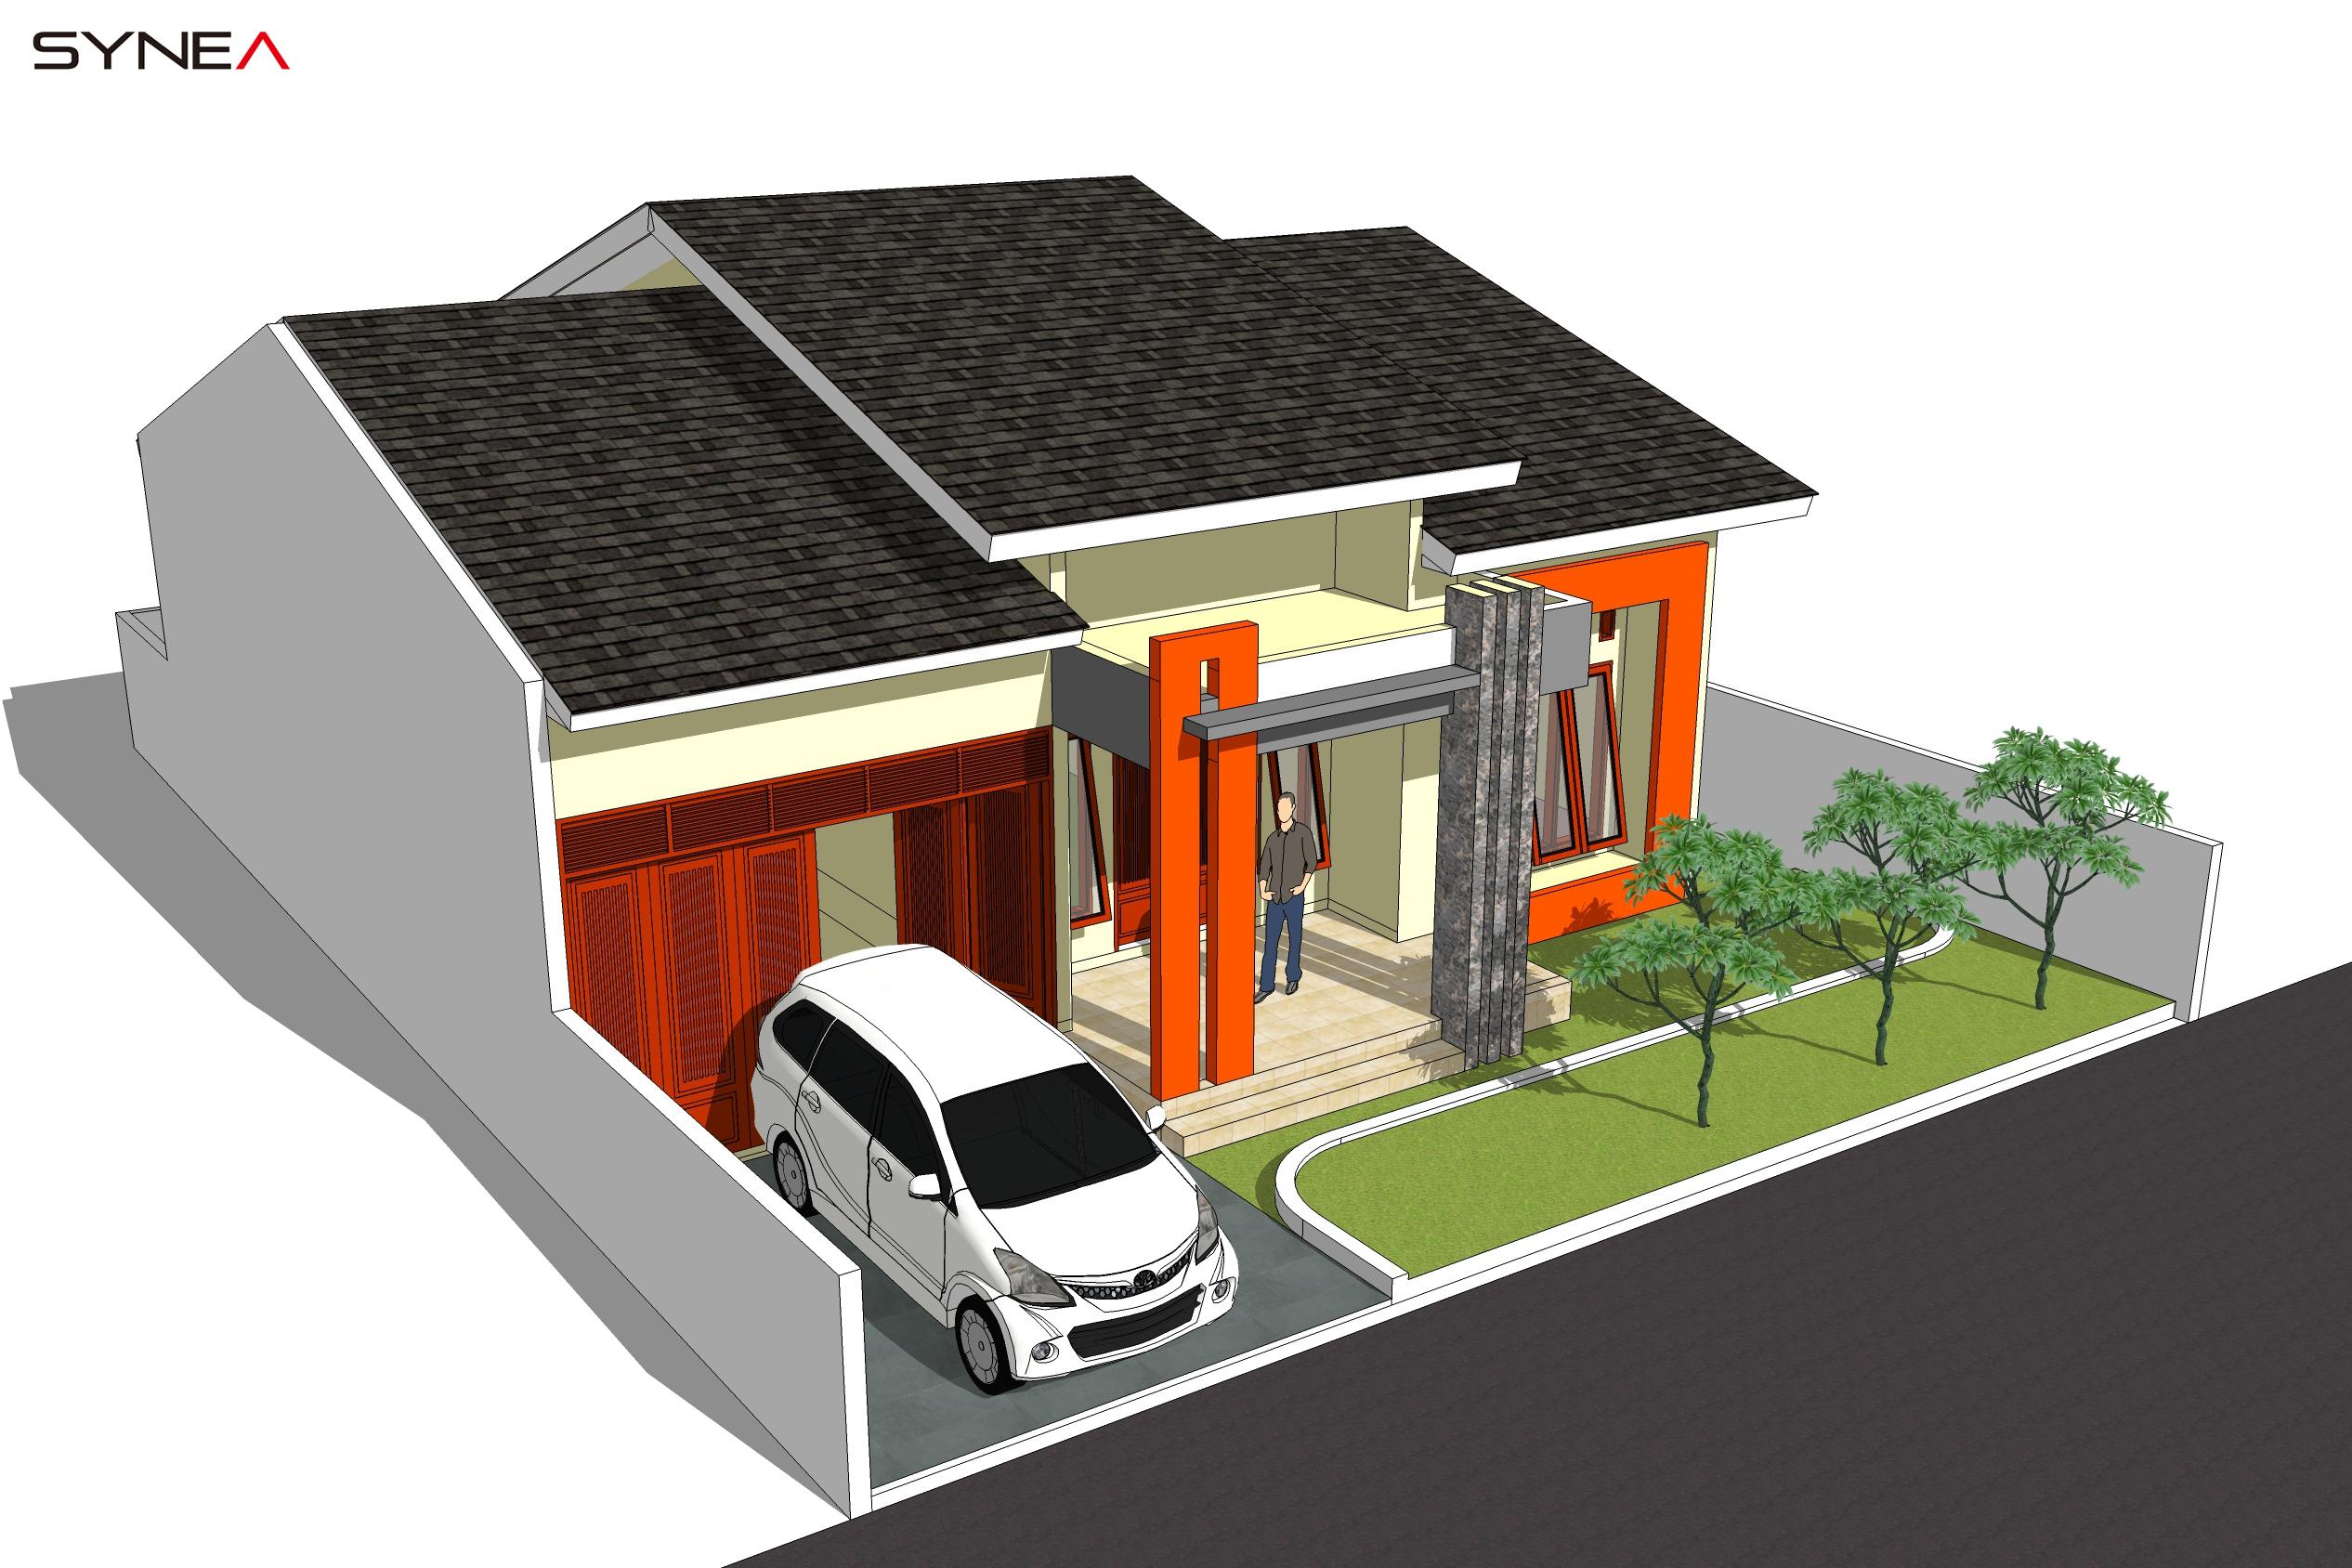 Desain Rumah Tinggal Konsep Modern Minimalis 1 Lantai 3 ...